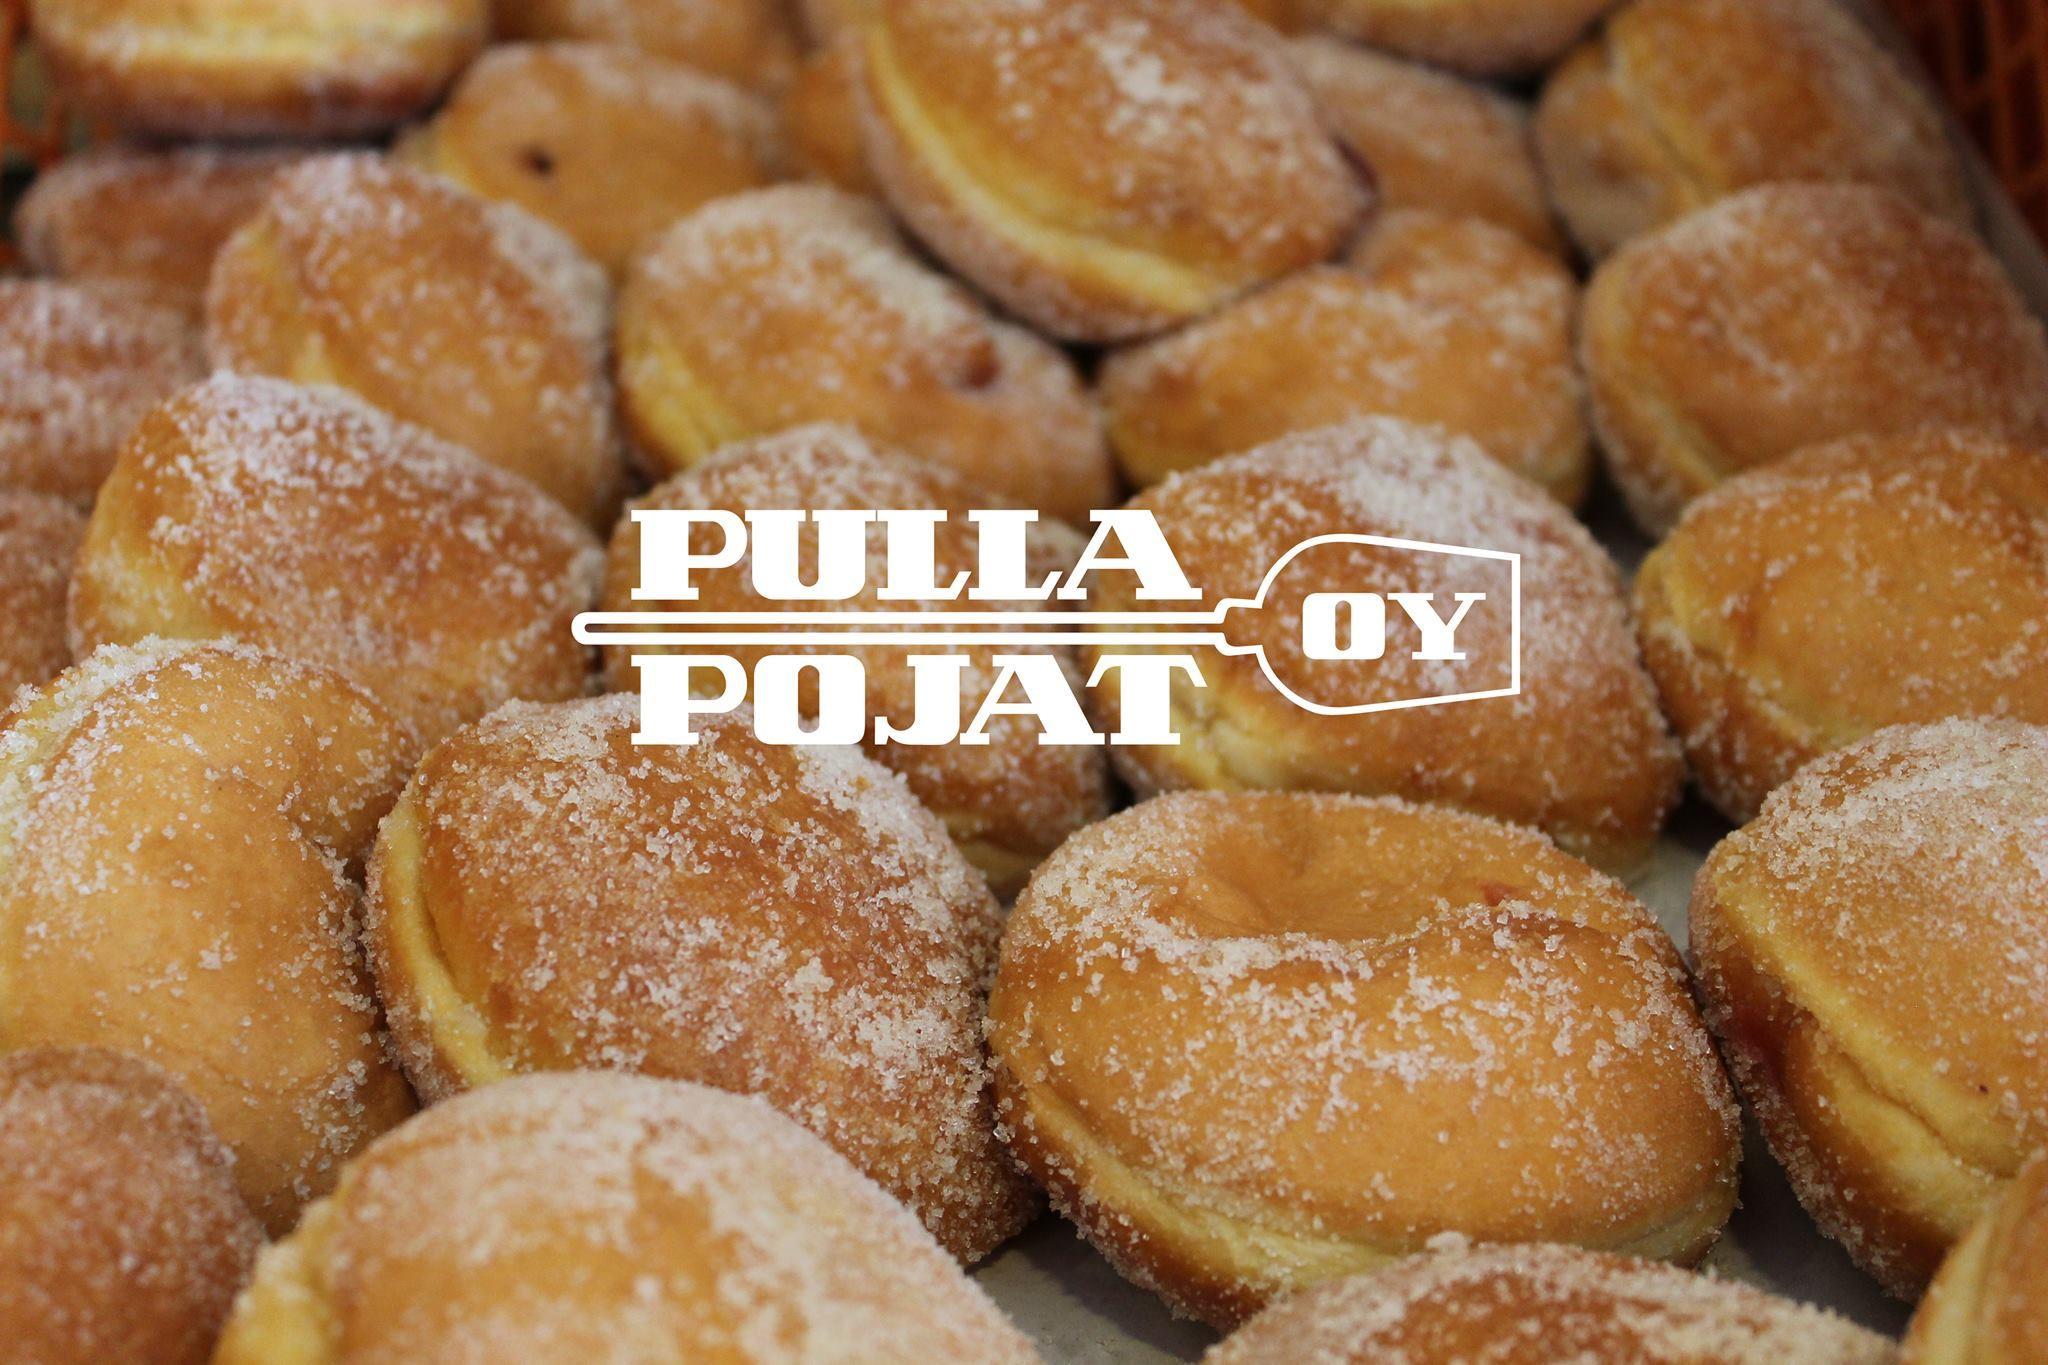 Café Pastry Shop Pulla-Pojat